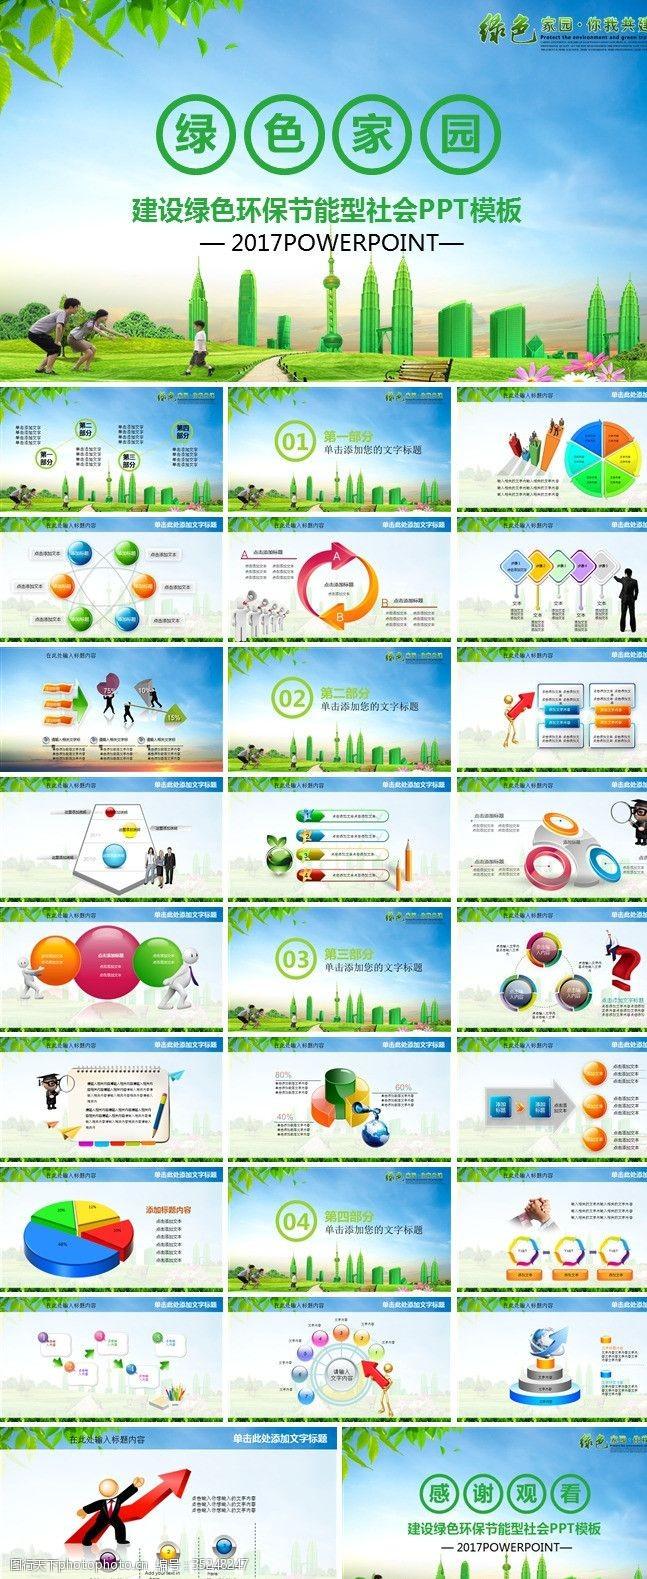 社会保护打造绿色家园建设环保节能社会